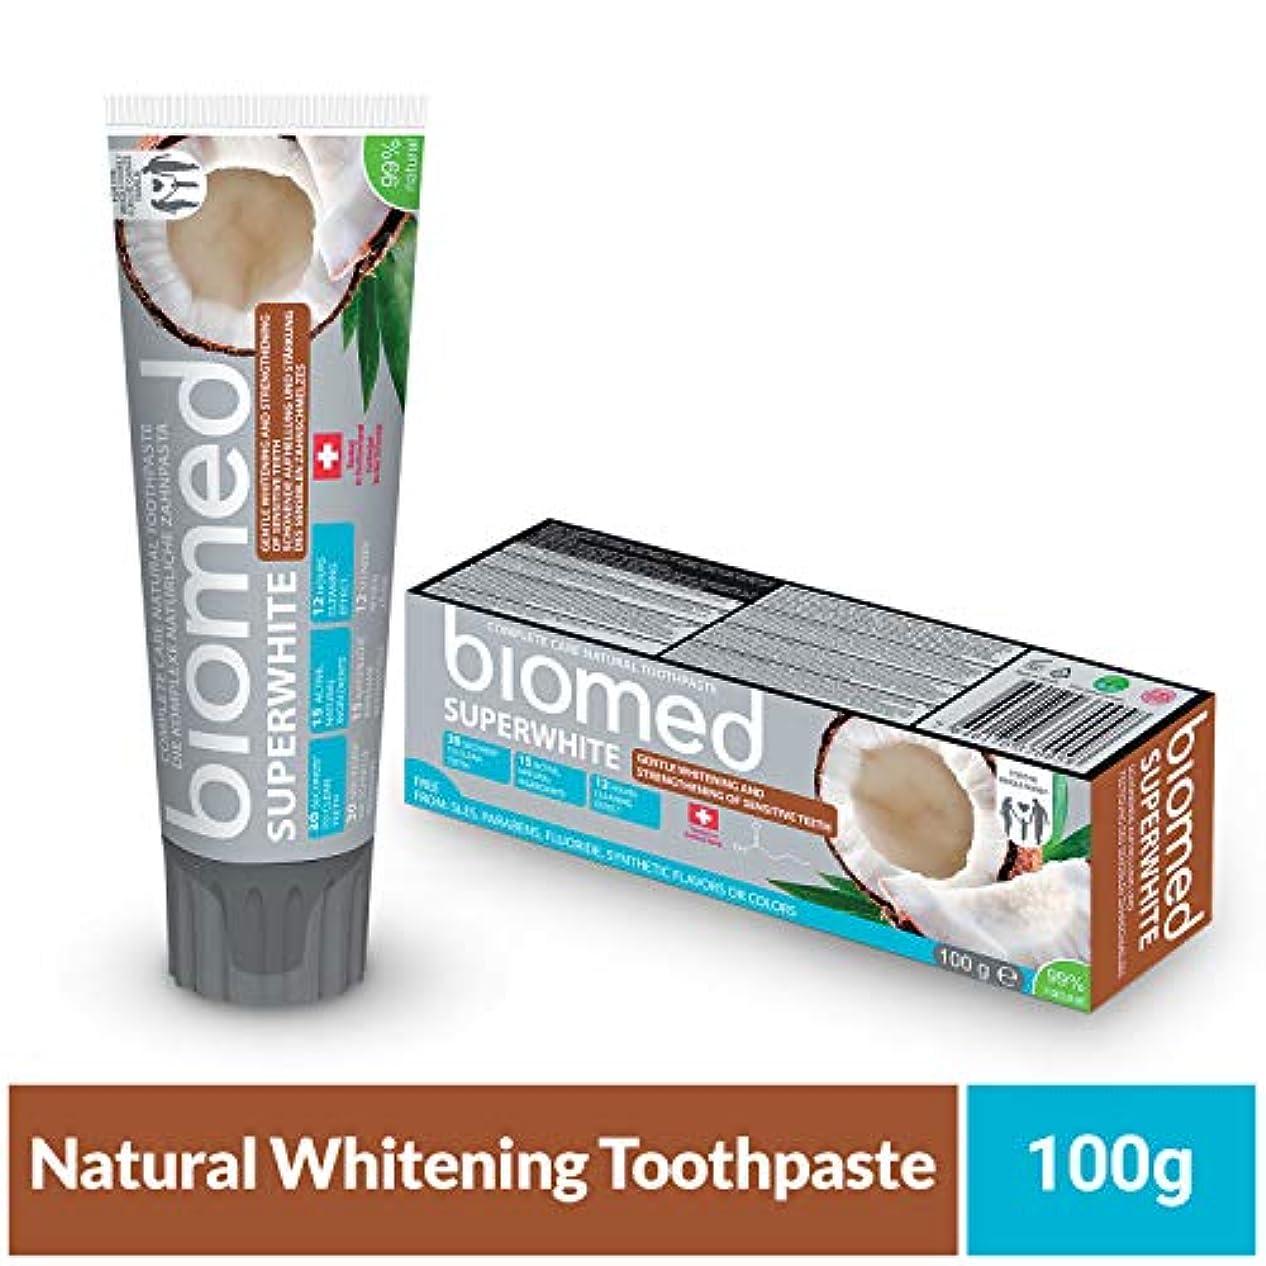 確認してください口ひげスロープバイオメッドスーパーホワイト練り歯磨き(75ml)